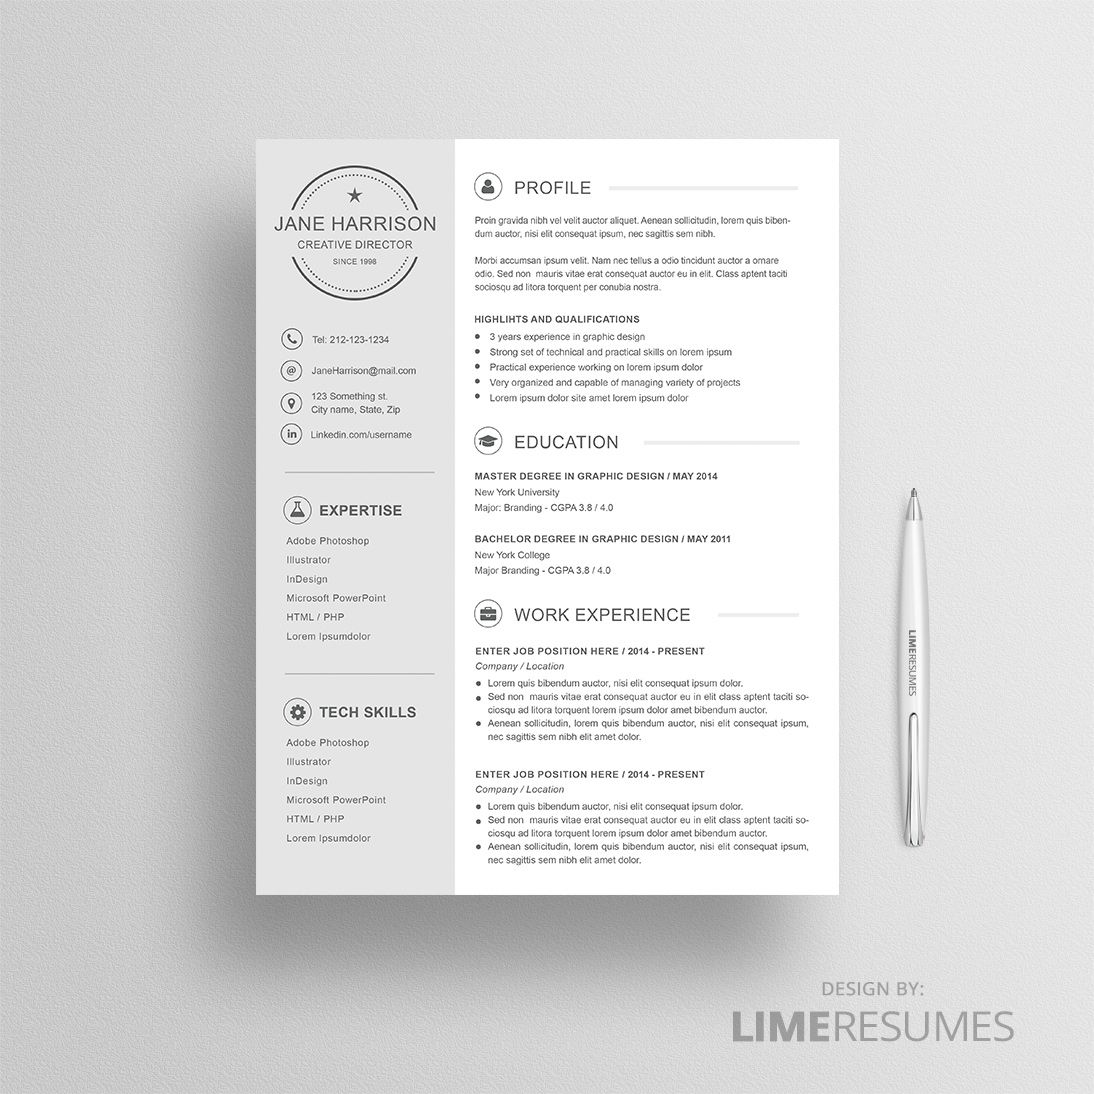 Minimalist Resume Template Minimalist Resume Design